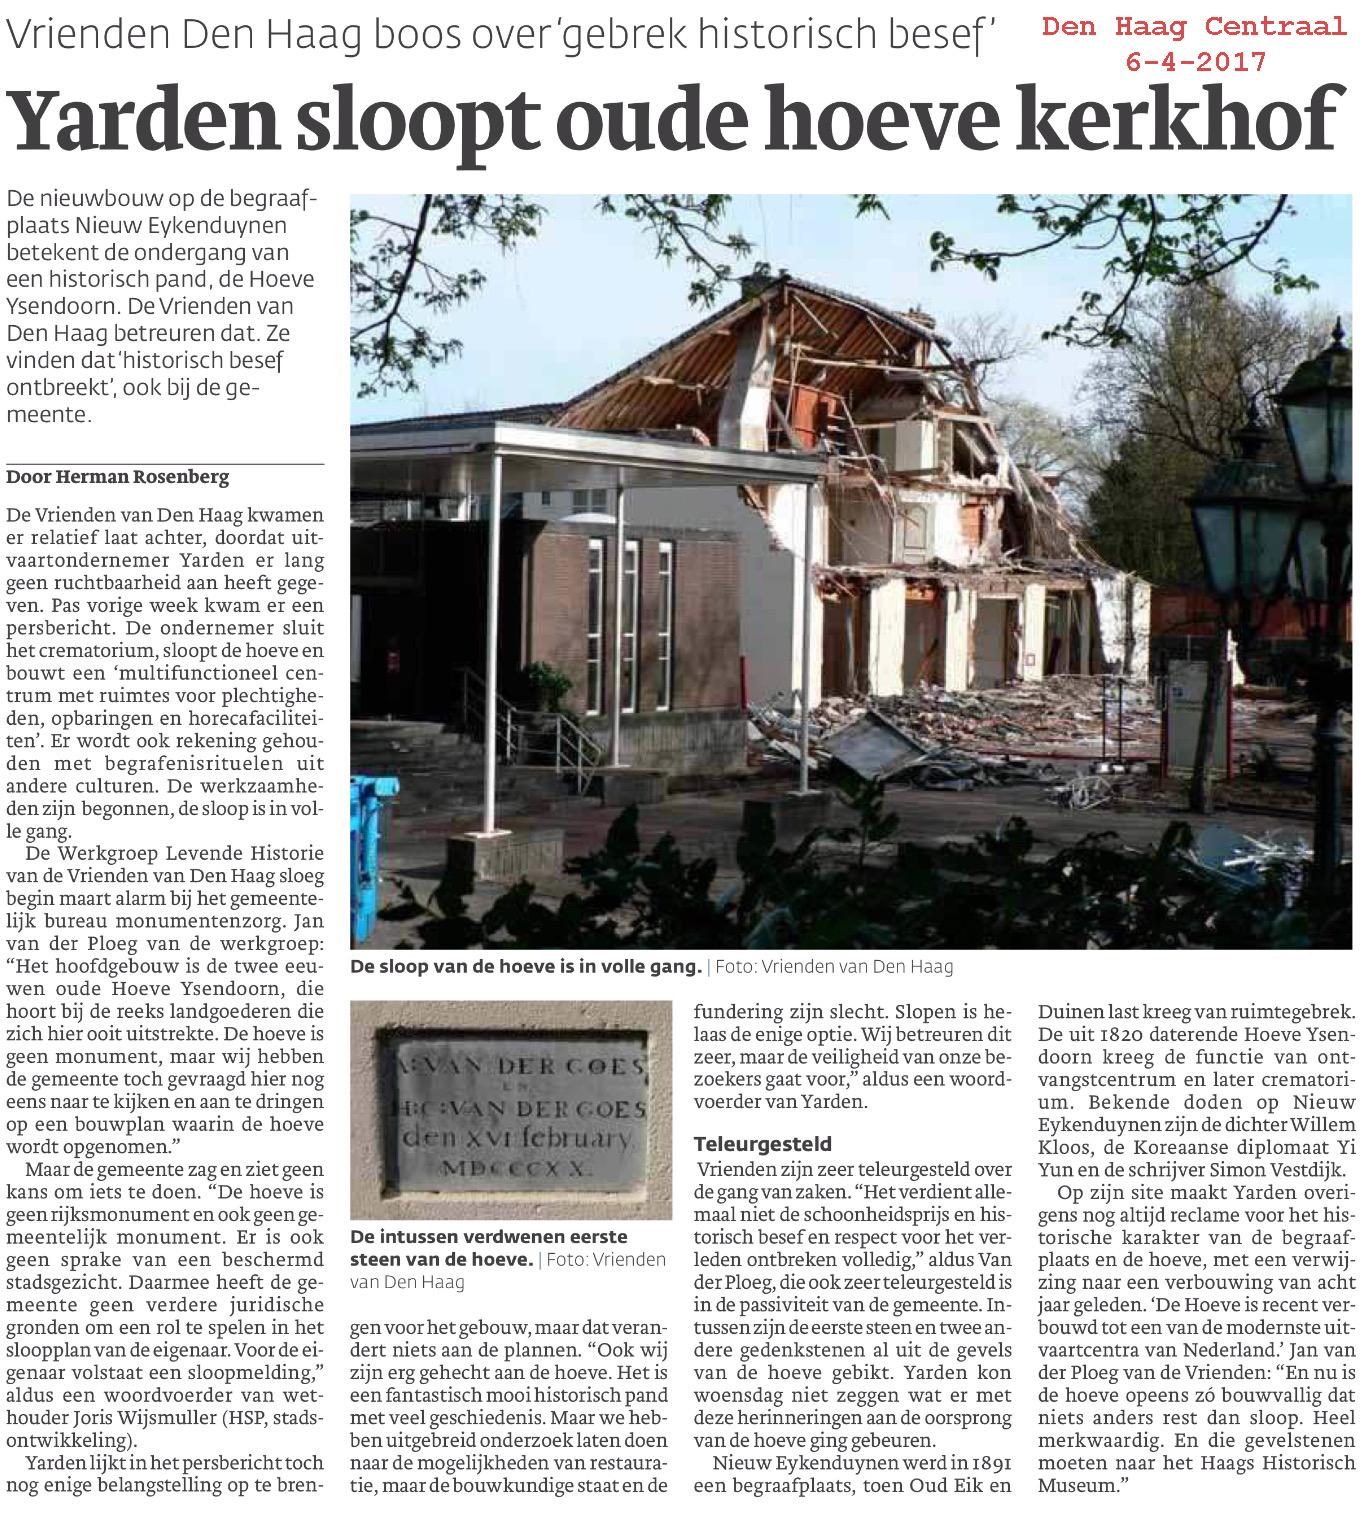 Wederom wordt een stukje Haagse historie uitgewist